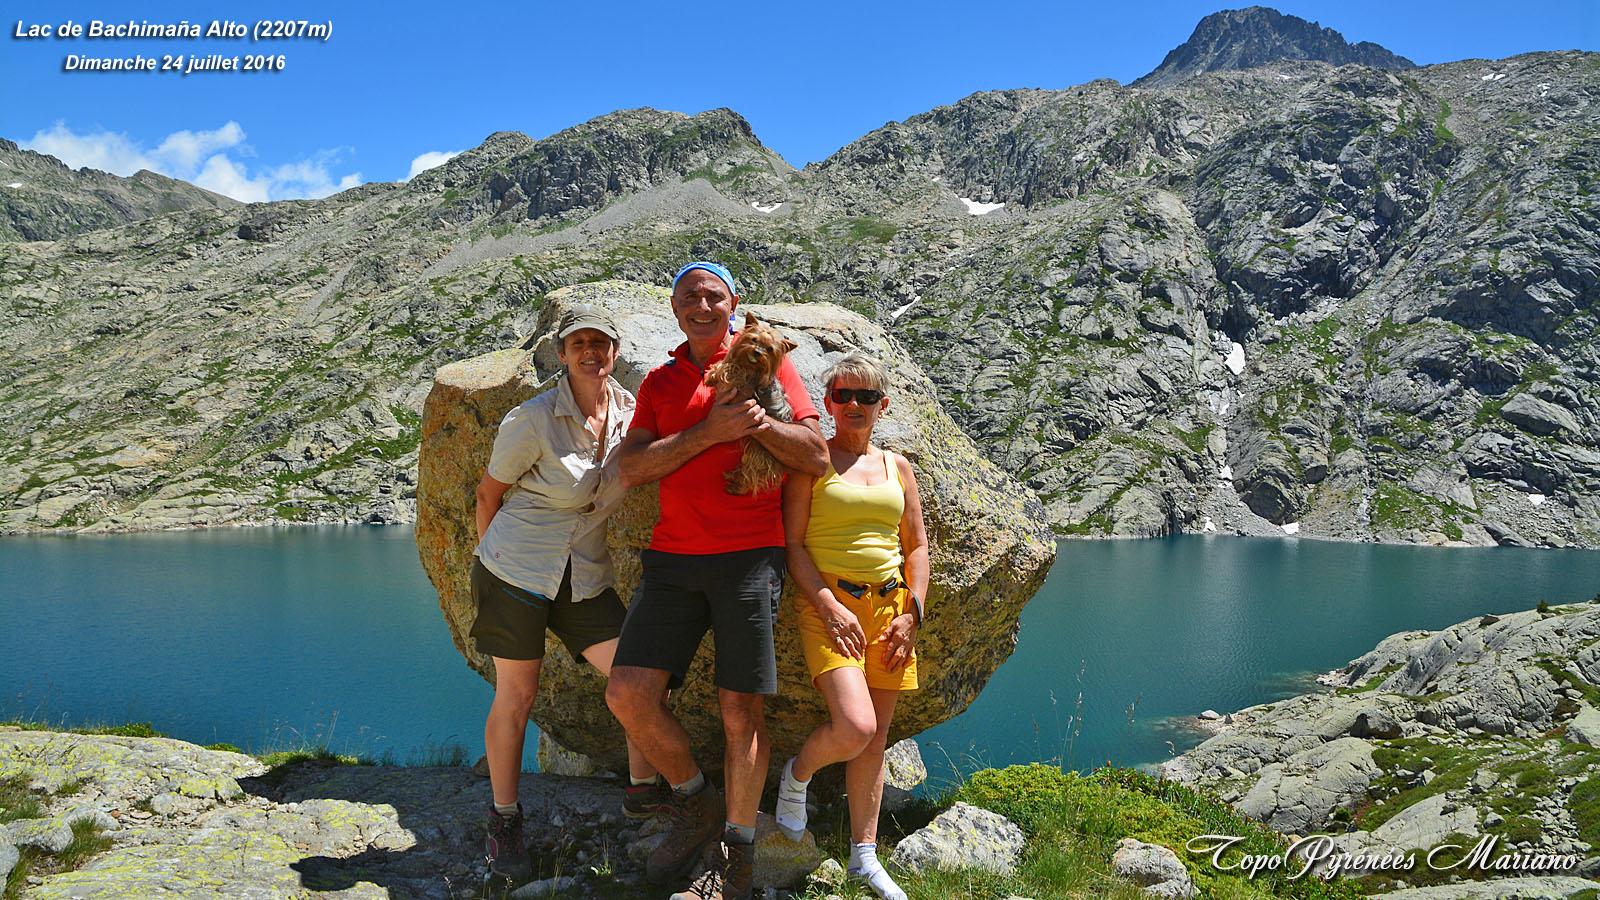 Randonnée Lac de Bachimaña Alto (2207m)